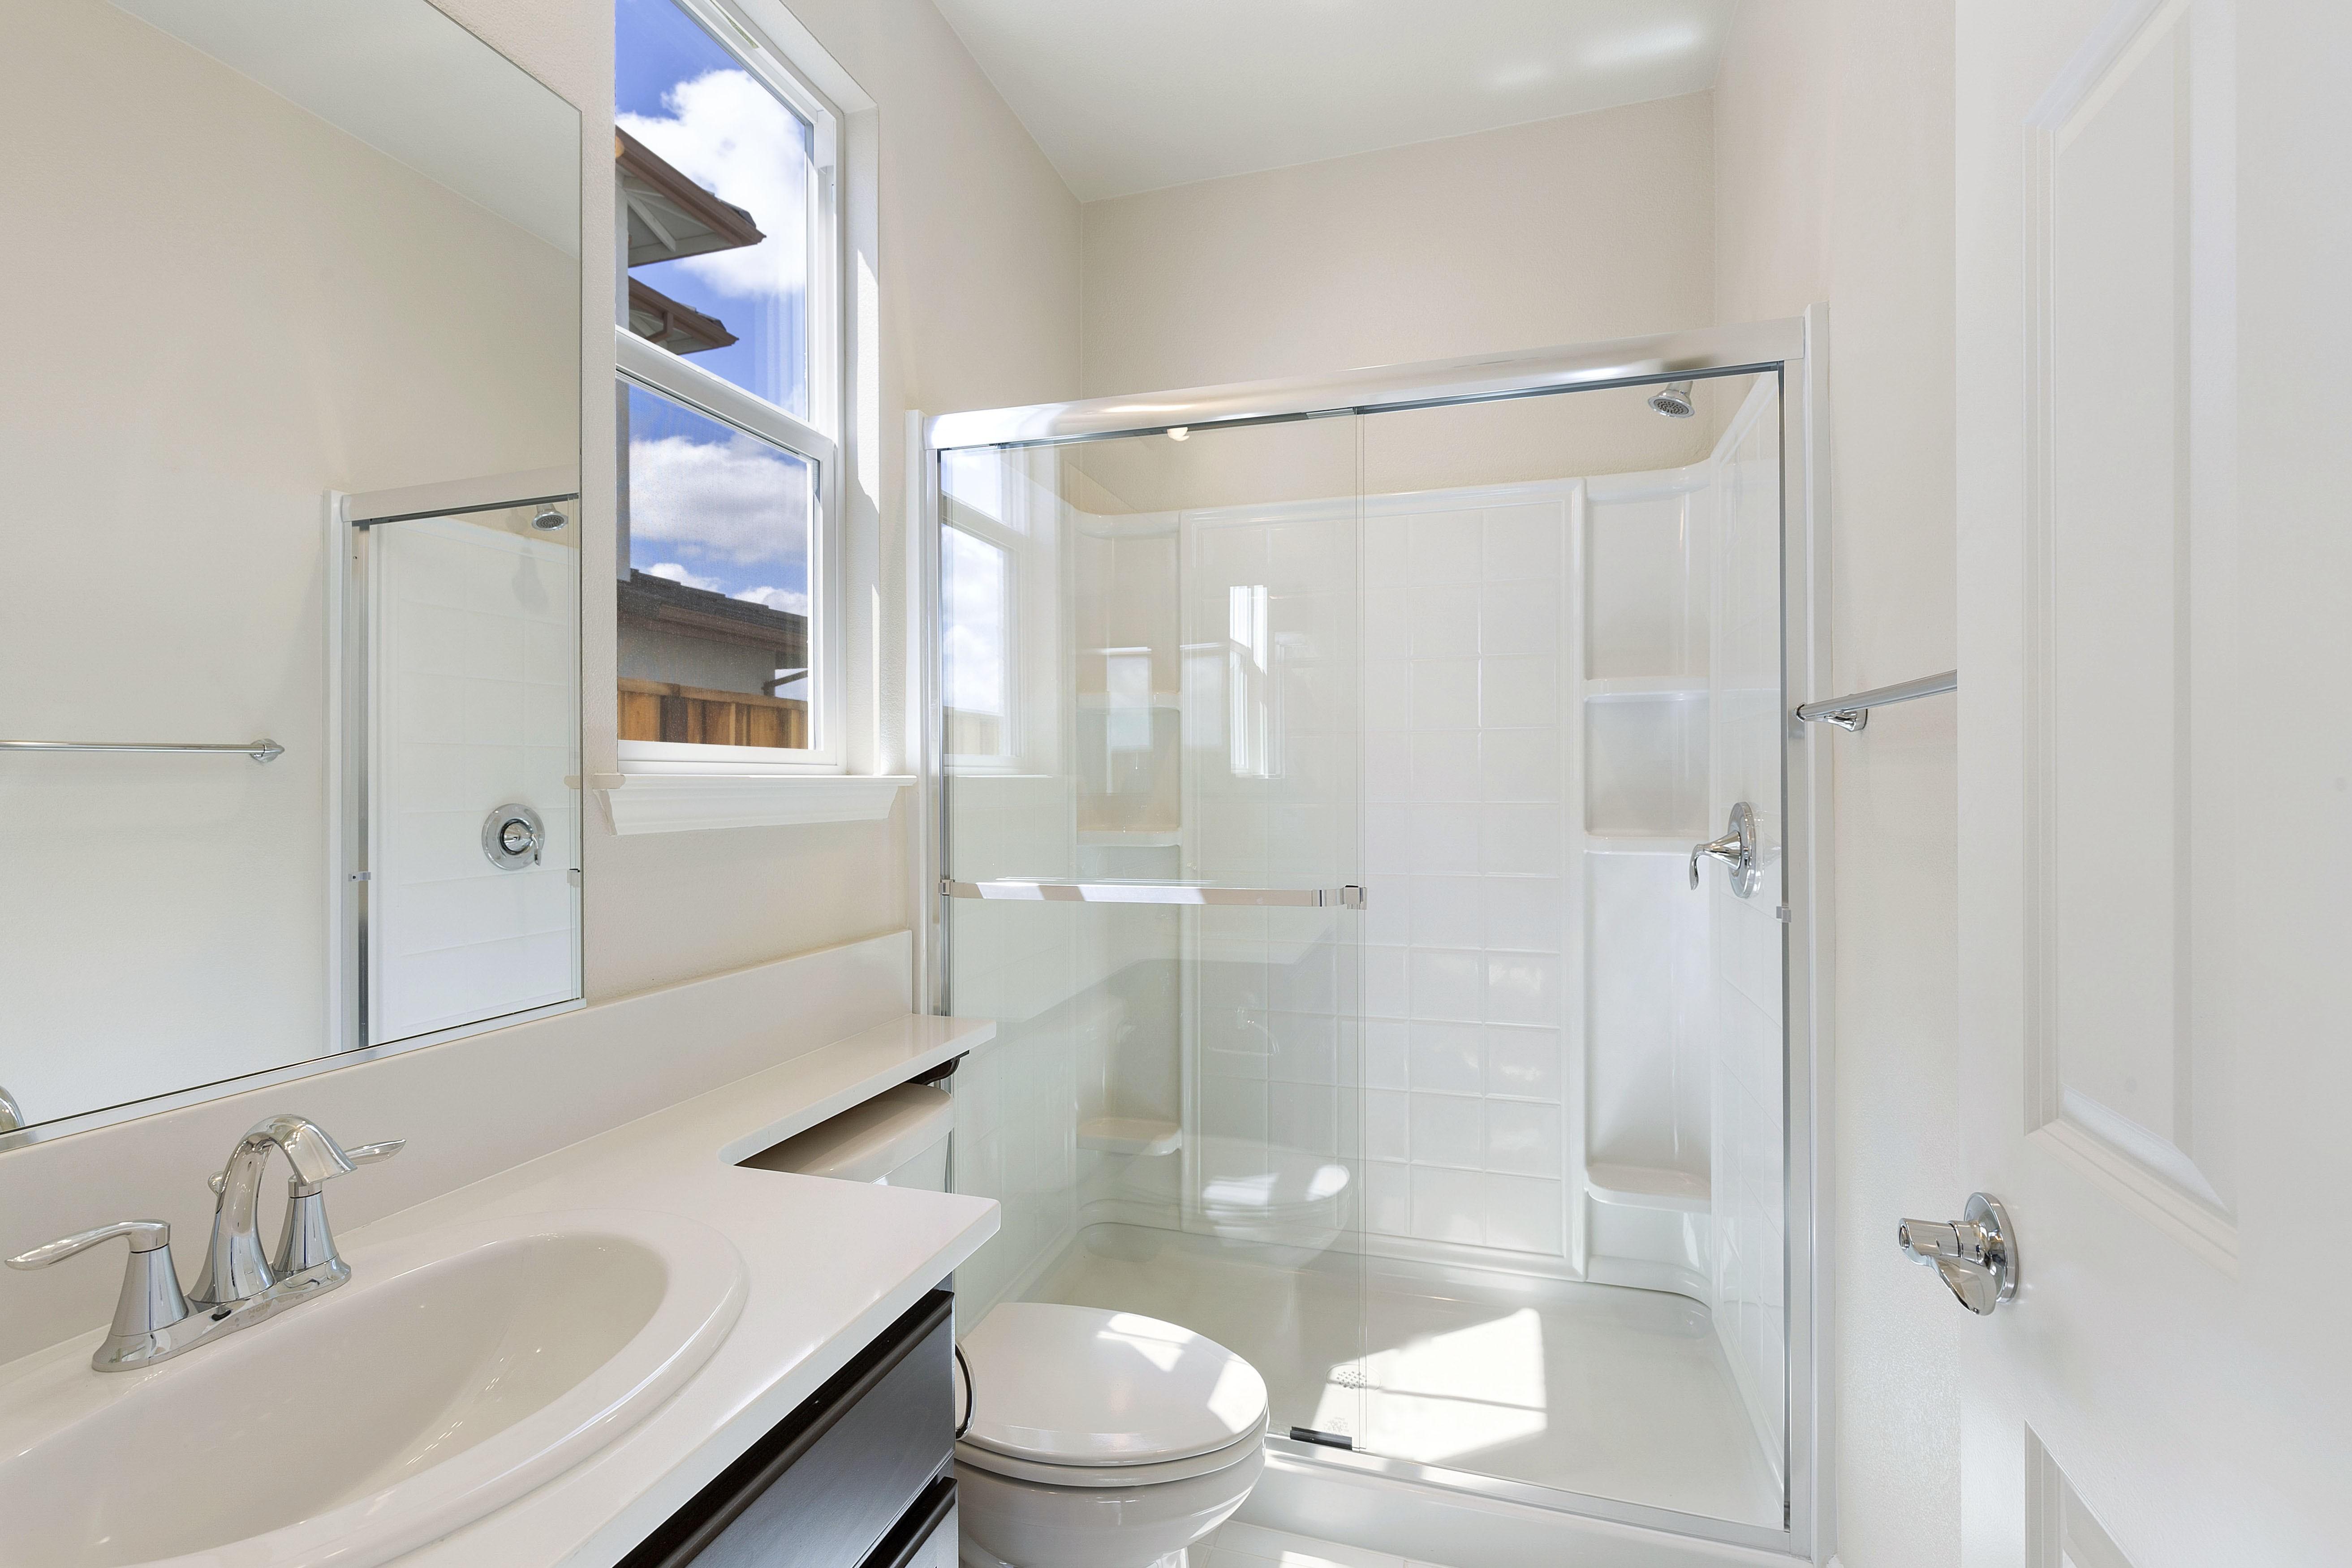 Shower tiles   Elite Builder Services